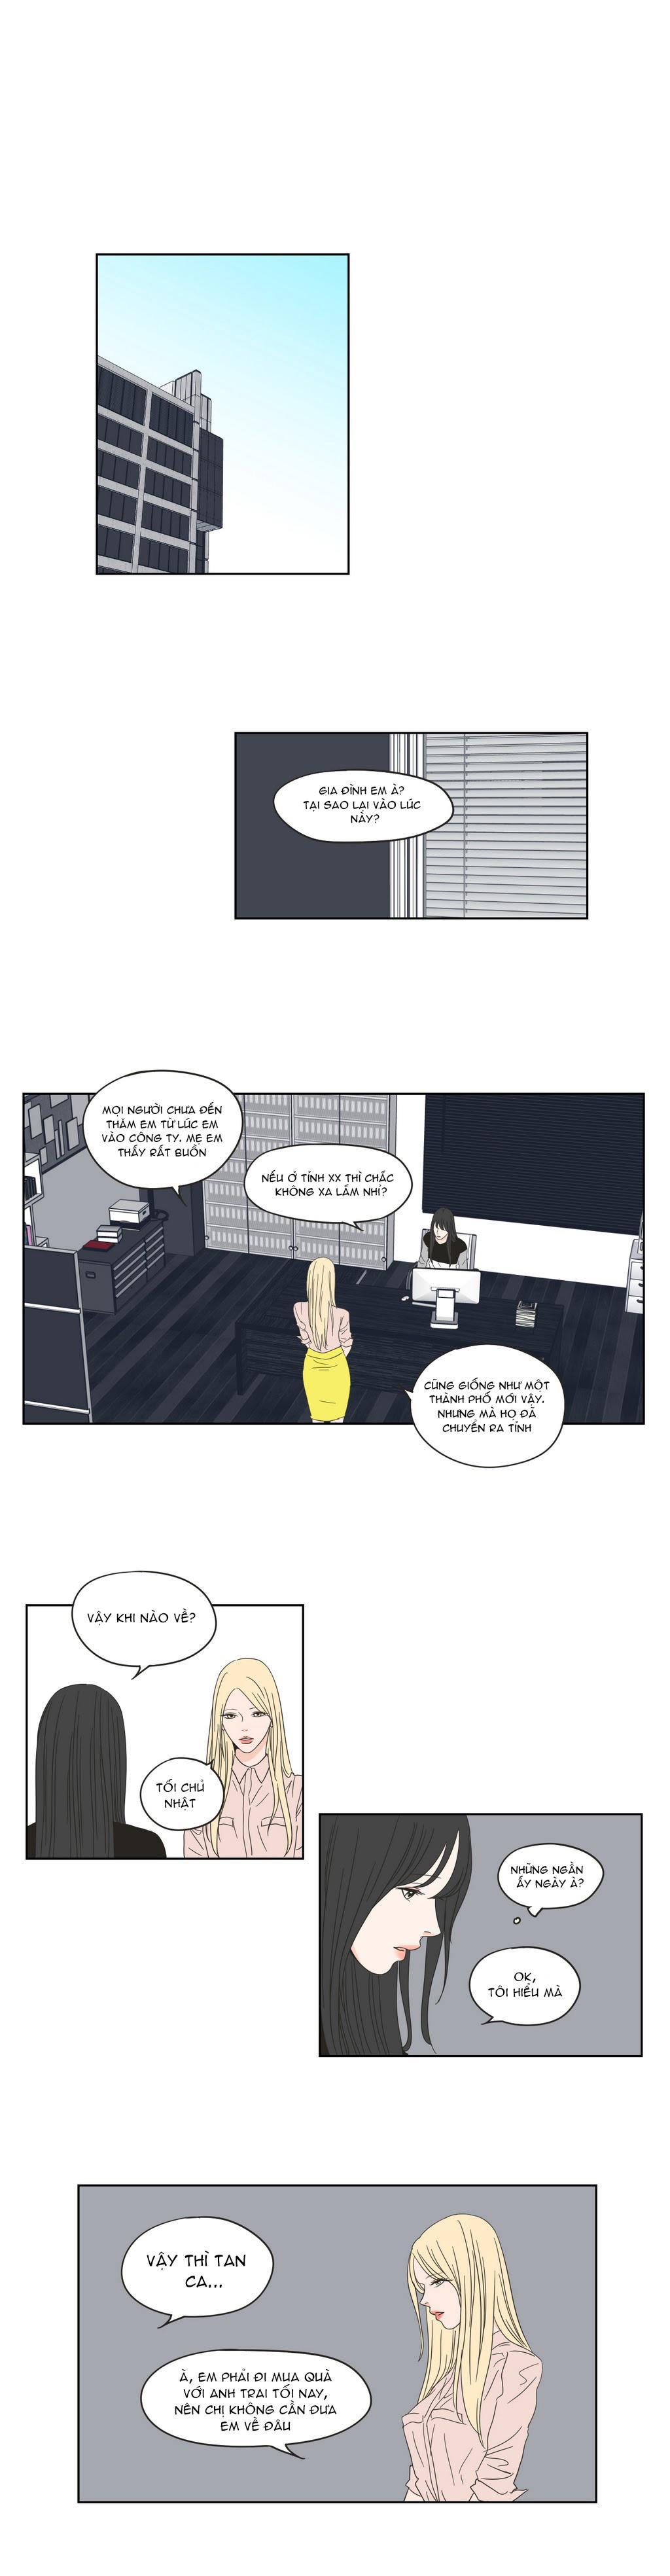 Con Cáo Nói Gì? Chapter 40 - Trang 11